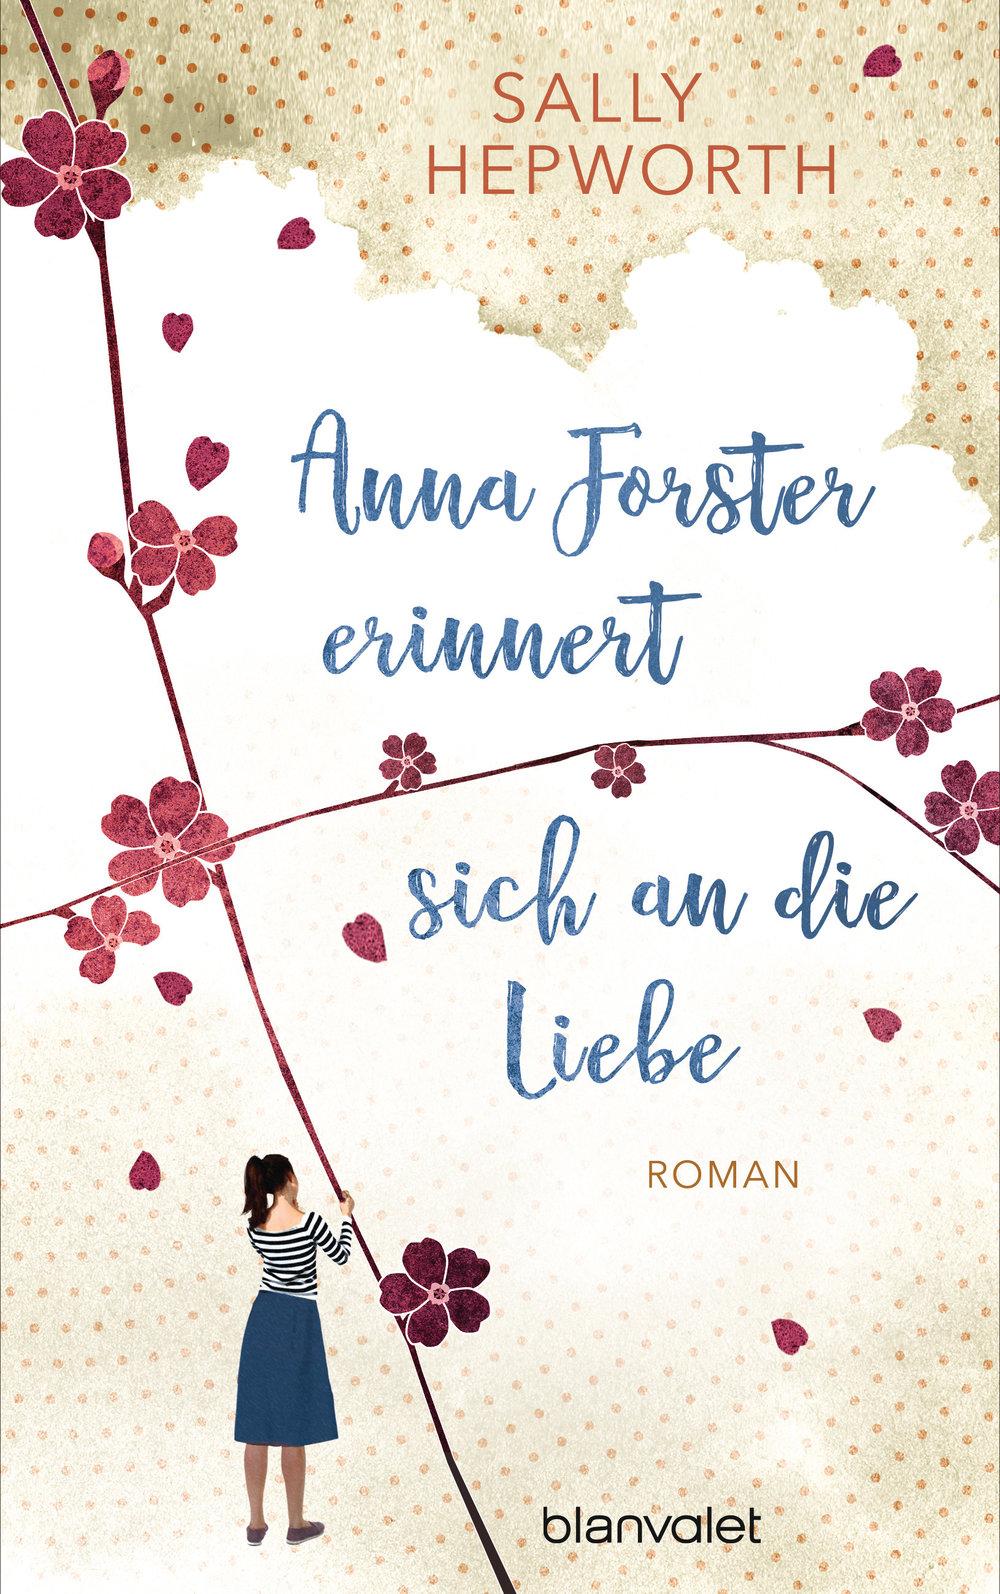 Titel: Anna Forster erinnert sich an die Liebe  AutorIn: Sally Hepworth         Verlag: Blanvalet ( hier kaufen! )    Preis: 20,00 Euro  ISBN:978-3-7645-0640-7